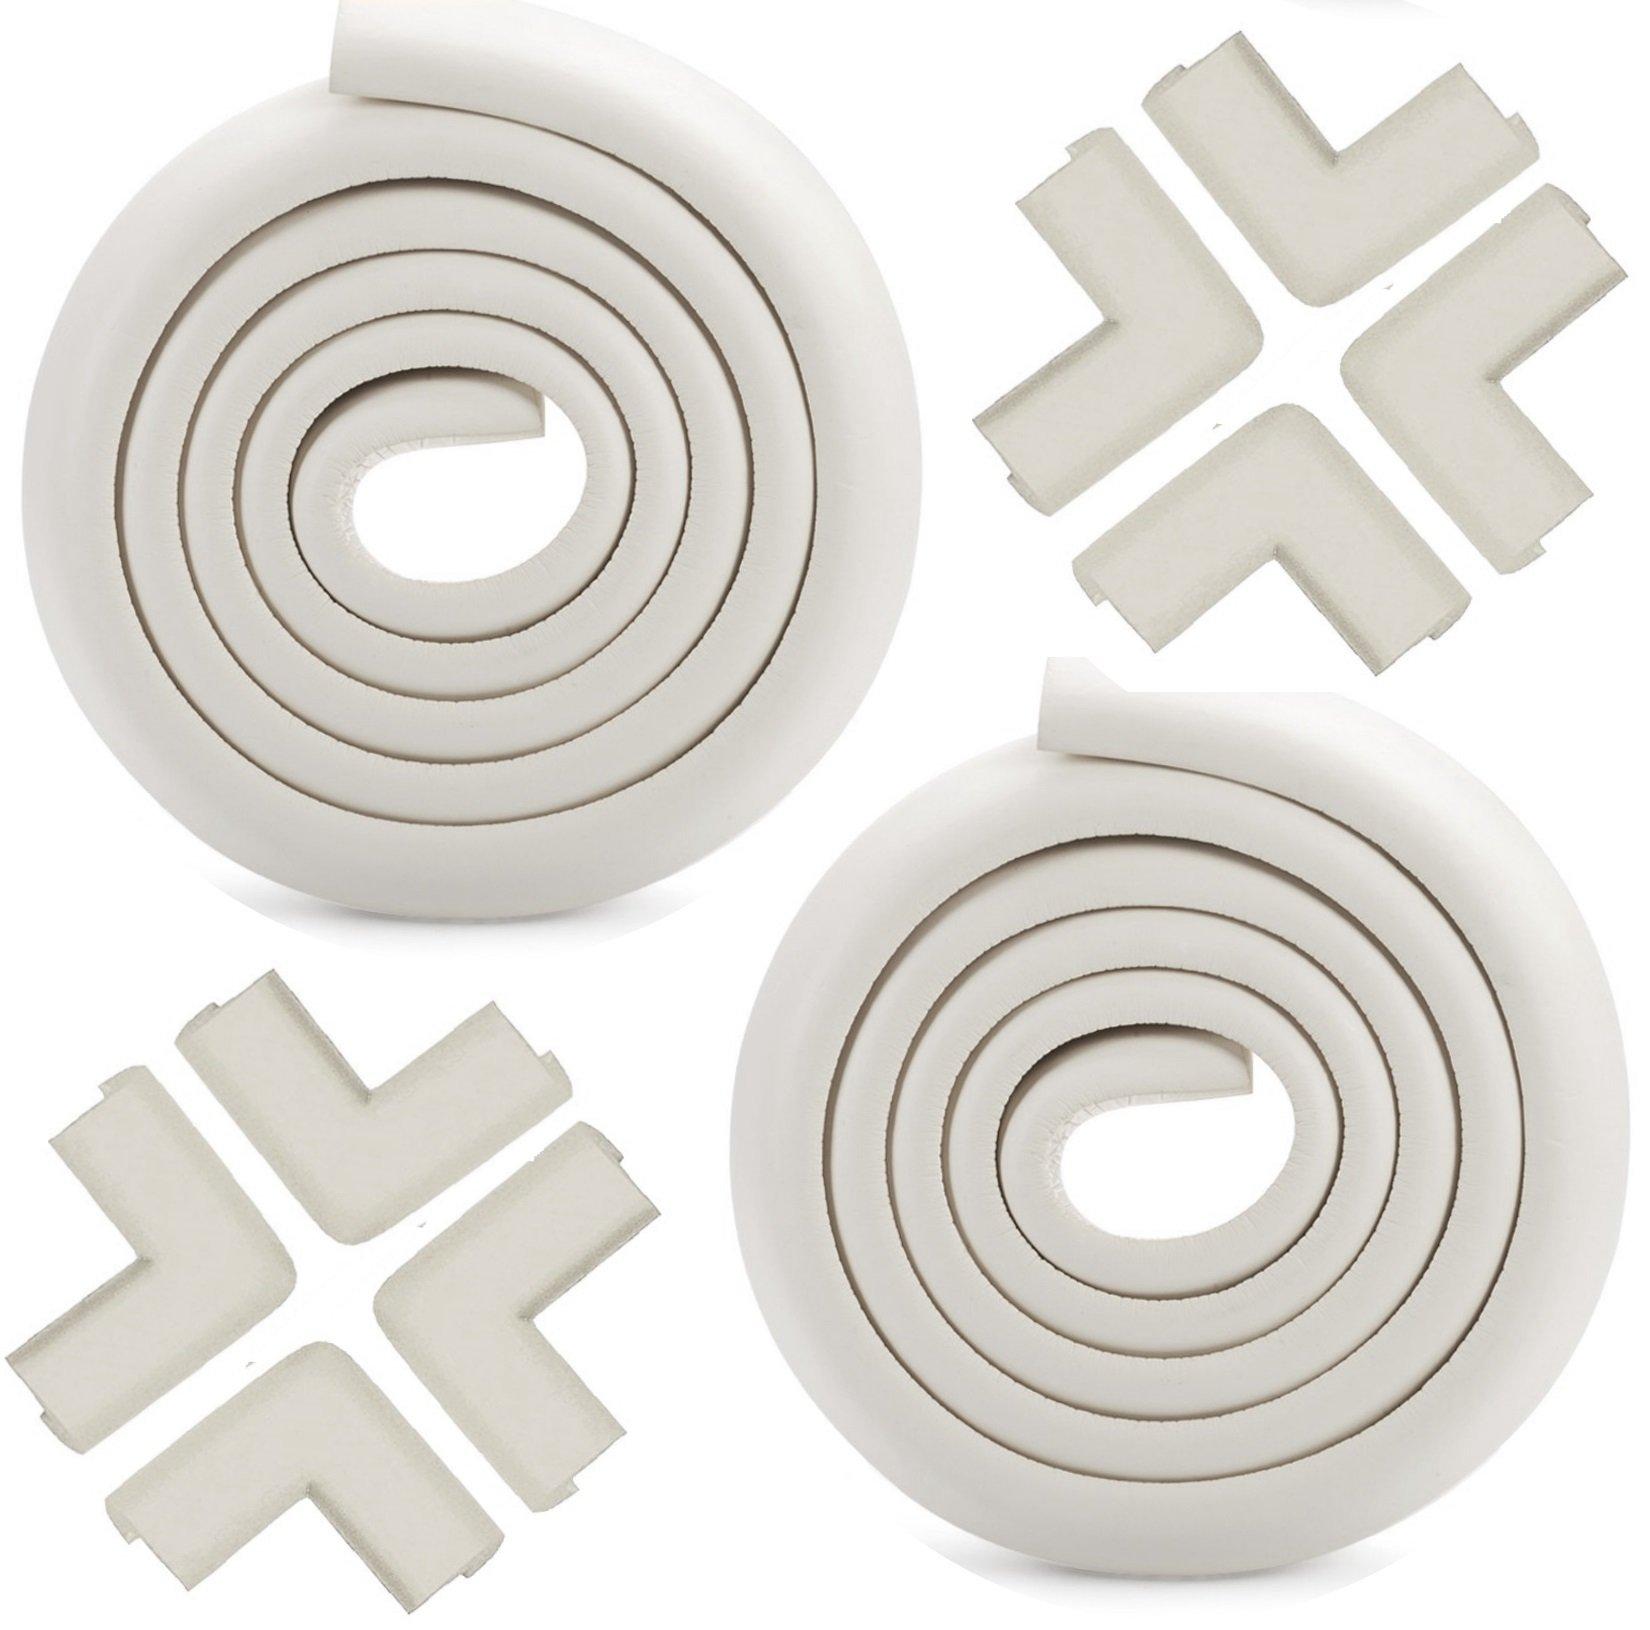 Agapo Protectores para bordes y esquinas Mesa Mueble Antigolpes Seguridad para Ninos de 2 x 2